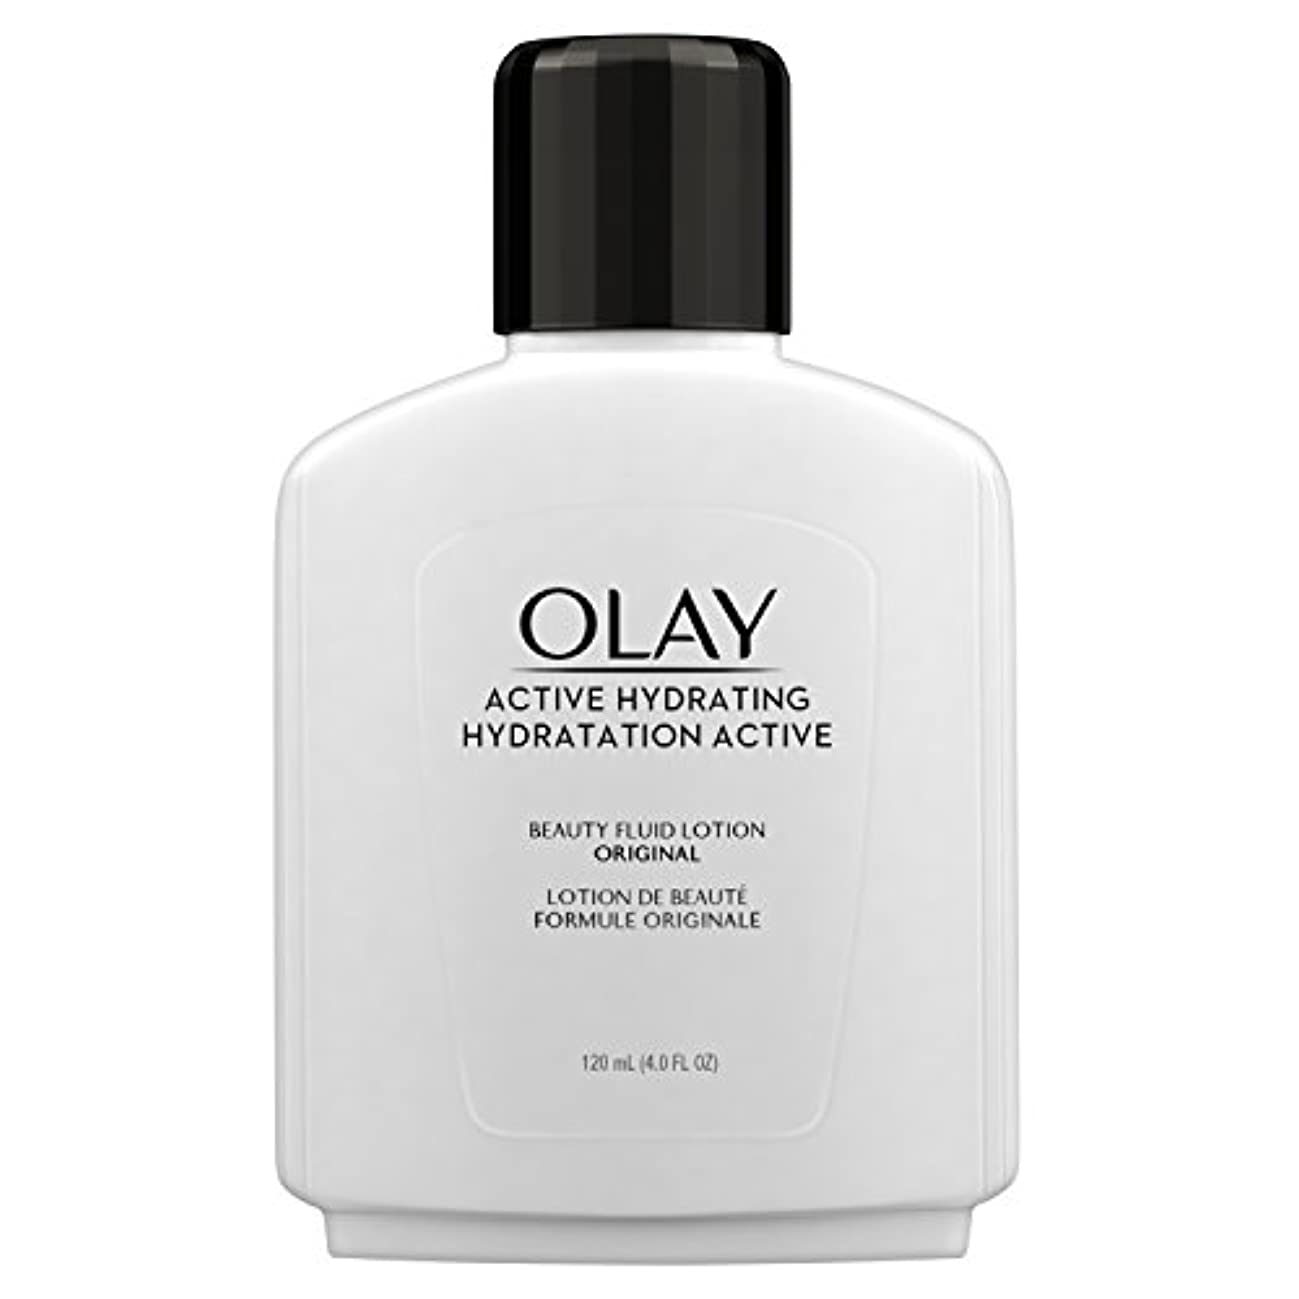 素晴らしきメイト弓Olay Active Hydrating Beauty Fluid Original 120 ml Moisturizer for Women by Olay